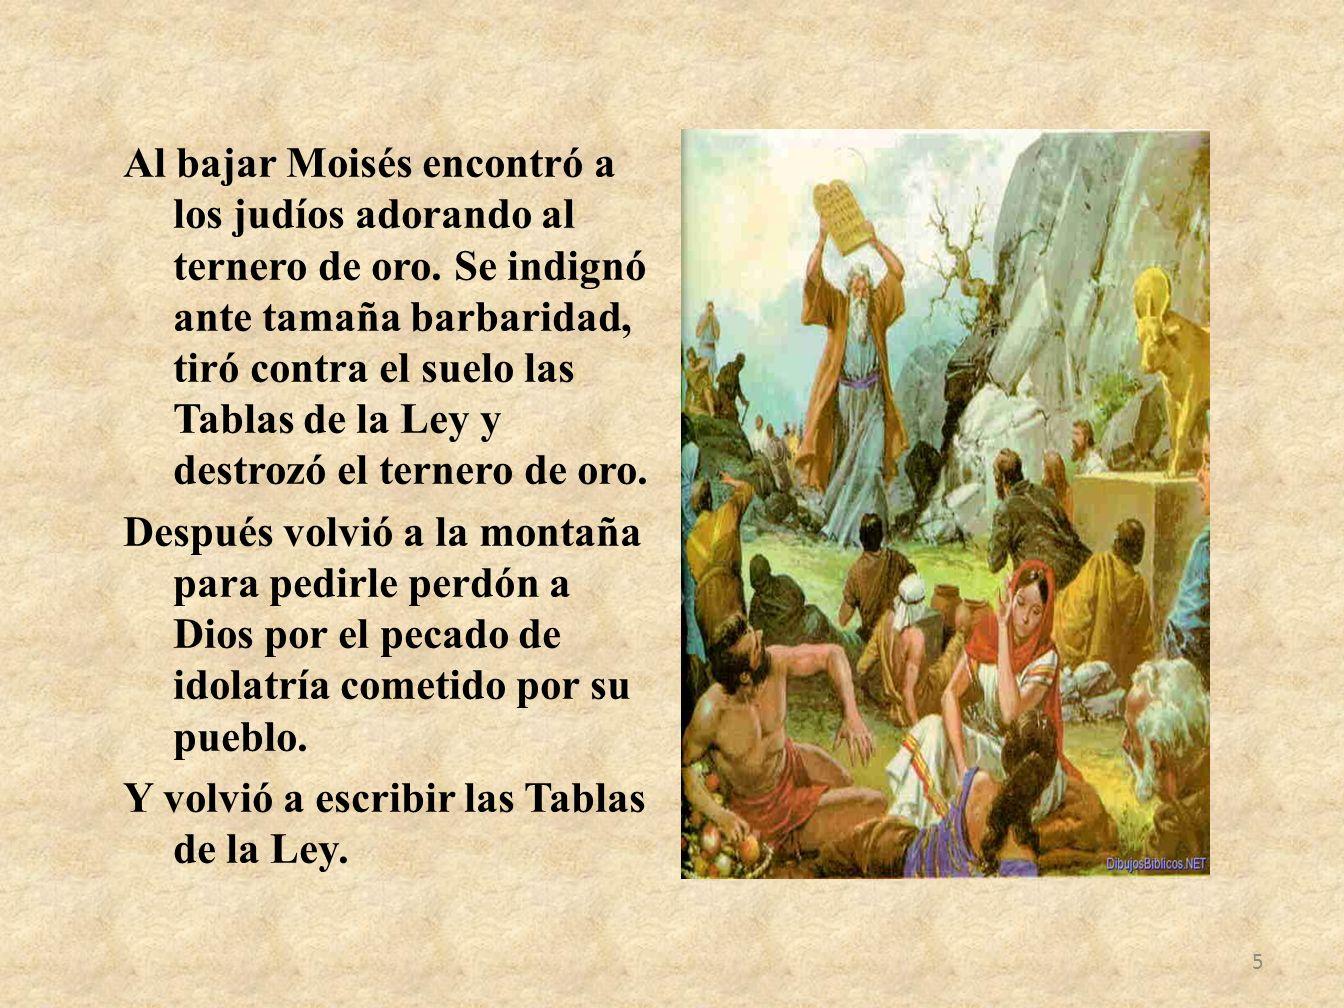 Para guardar las Tablas de la Ley, por indicación de Dios mandó Moisés construir una caja muy fina, con dos estatuas de arcángeles a los costados y unas varas que permitían llevarla a hombro.